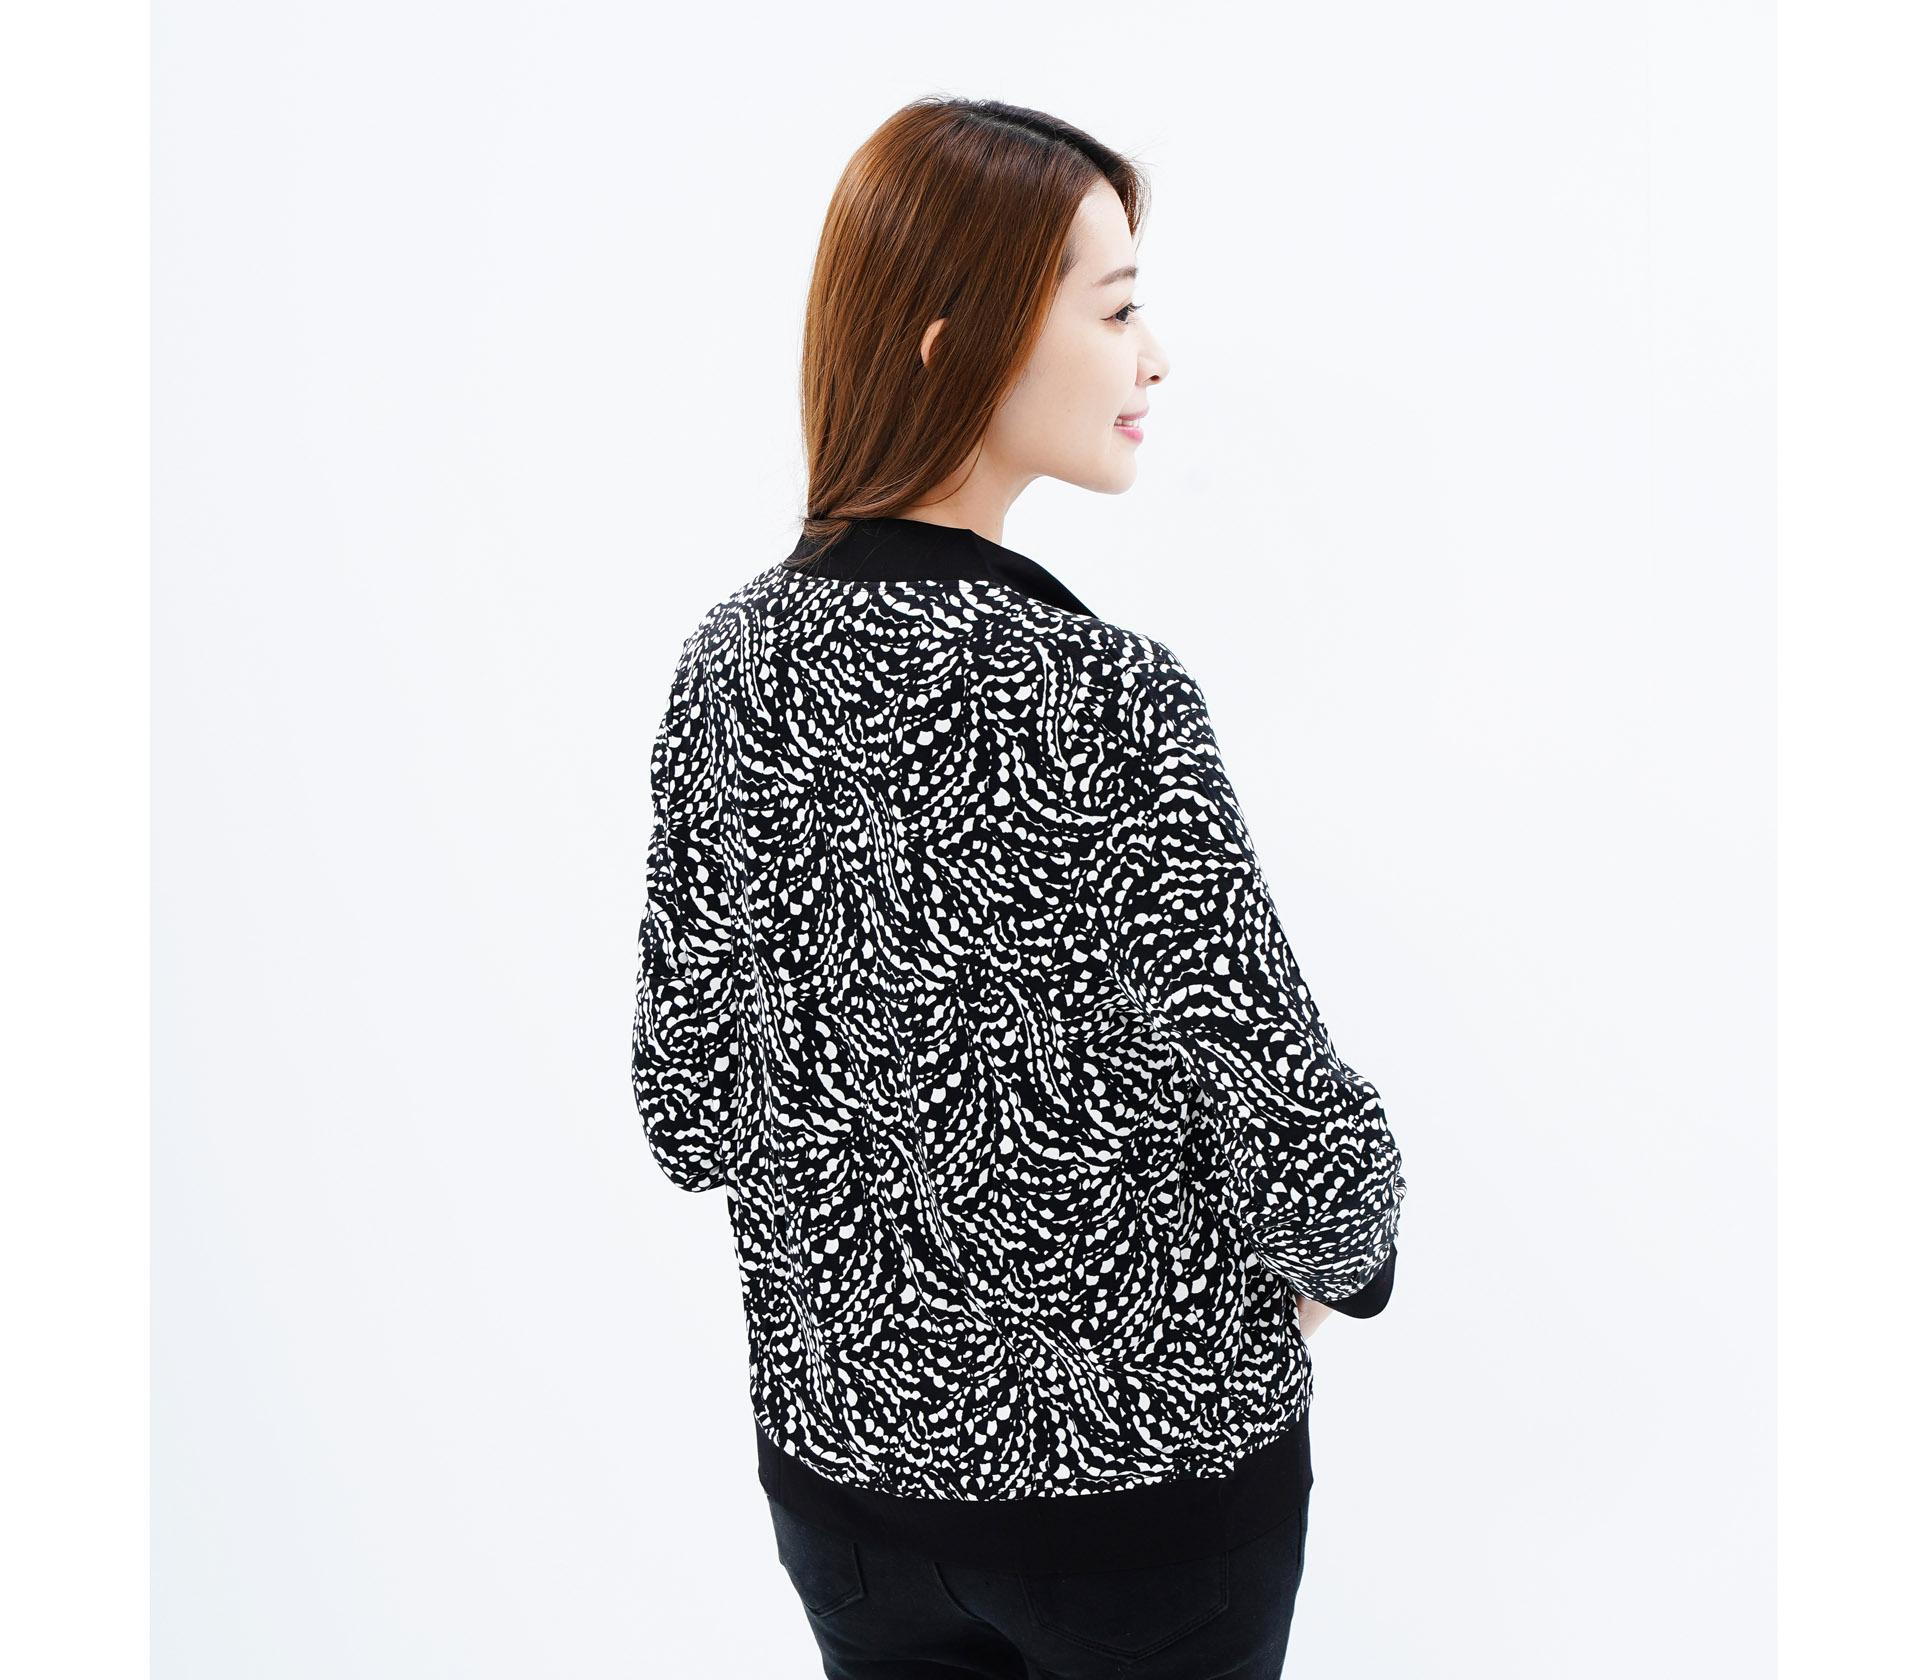 闕蘭絹舒適親膚蠶絲拉鍊外套-6688(斑點)